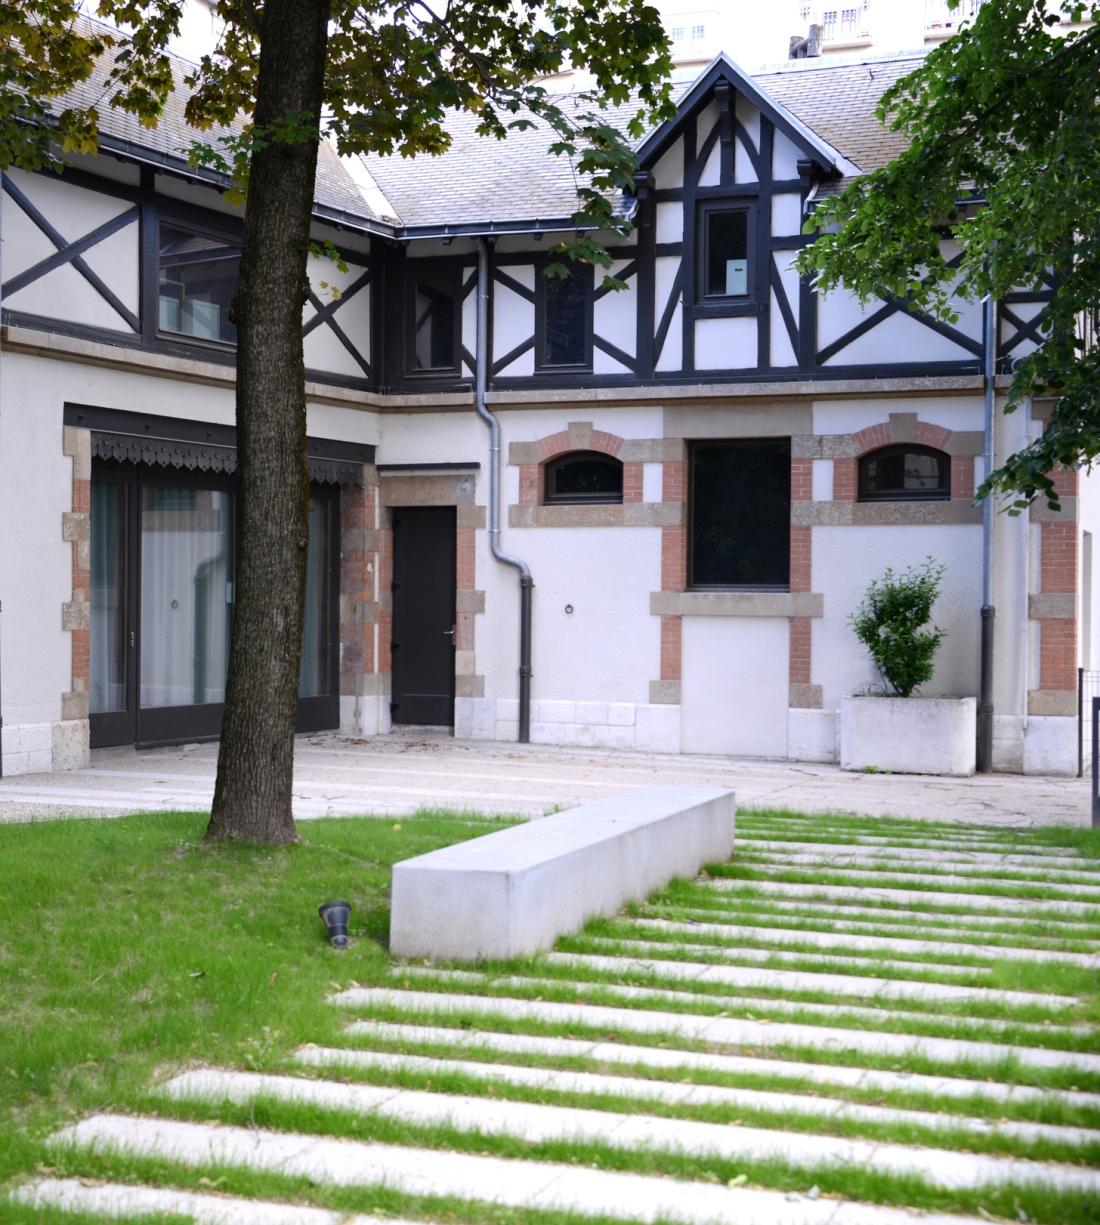 architecte-paysagiste-lyon-annecy-geneve-createur-jardin-paysage-atlas-paysages-2